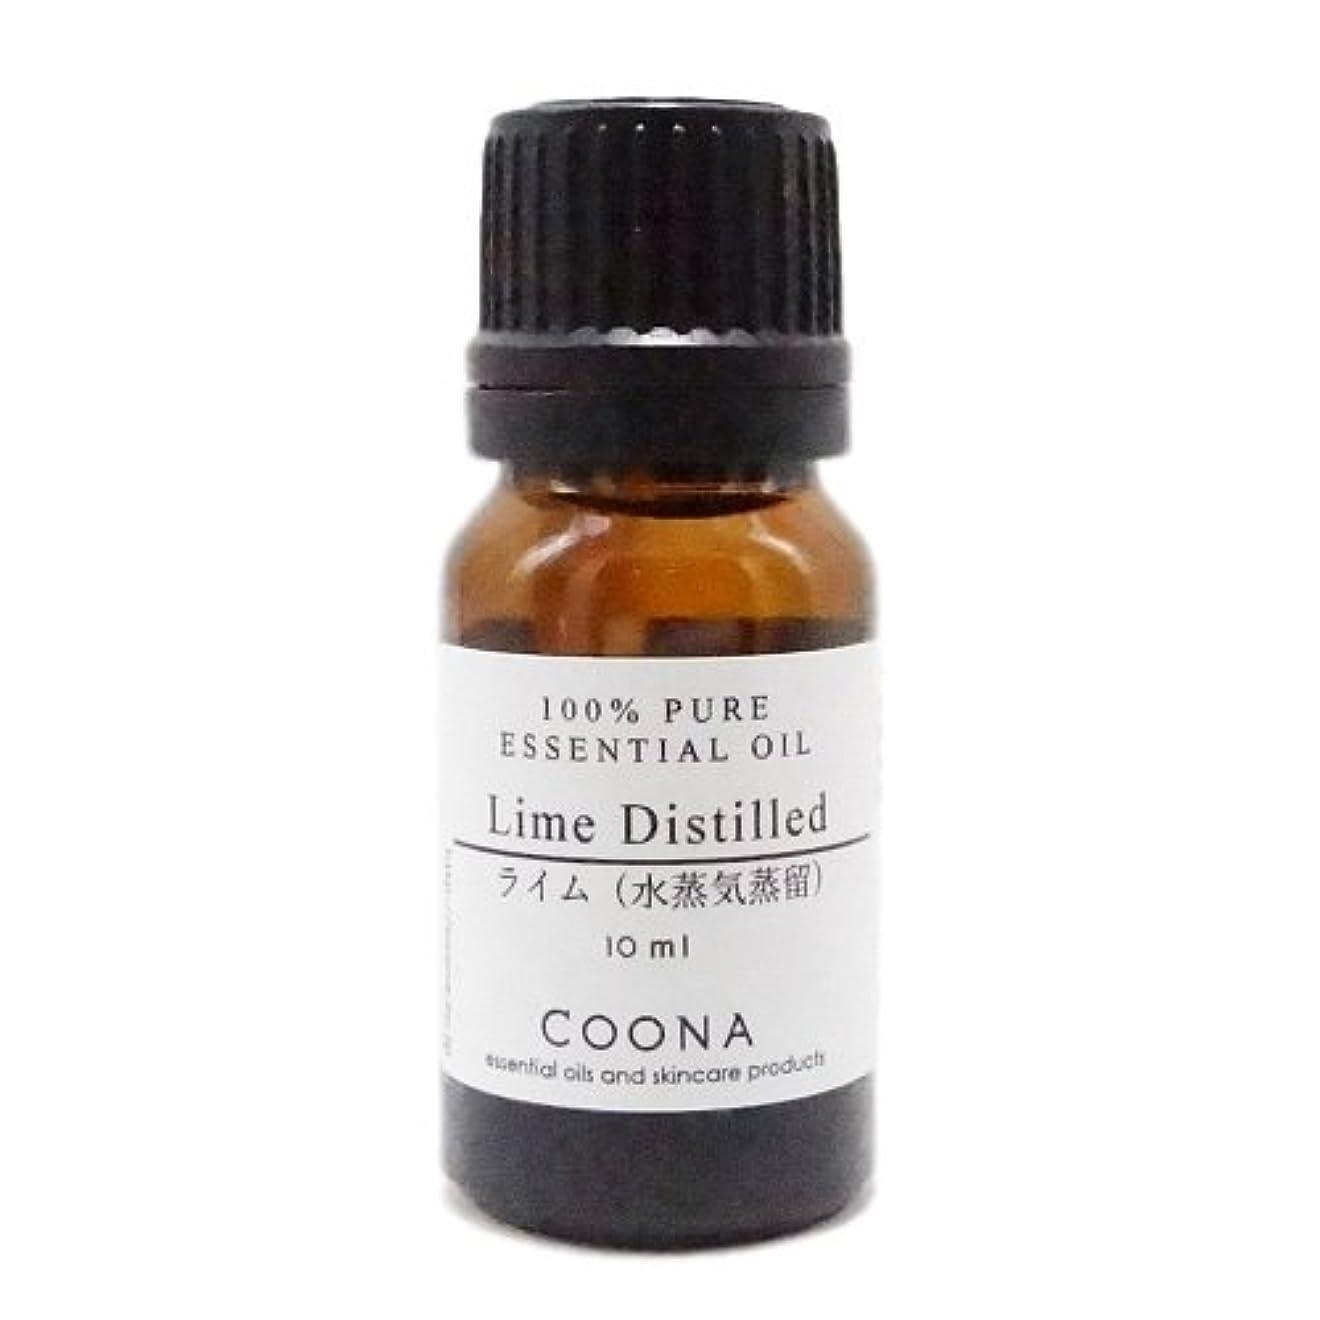 最初意図的トチの実の木ライム 水蒸気蒸留 10 ml (COONA エッセンシャルオイル アロマオイル 100%天然植物精油)